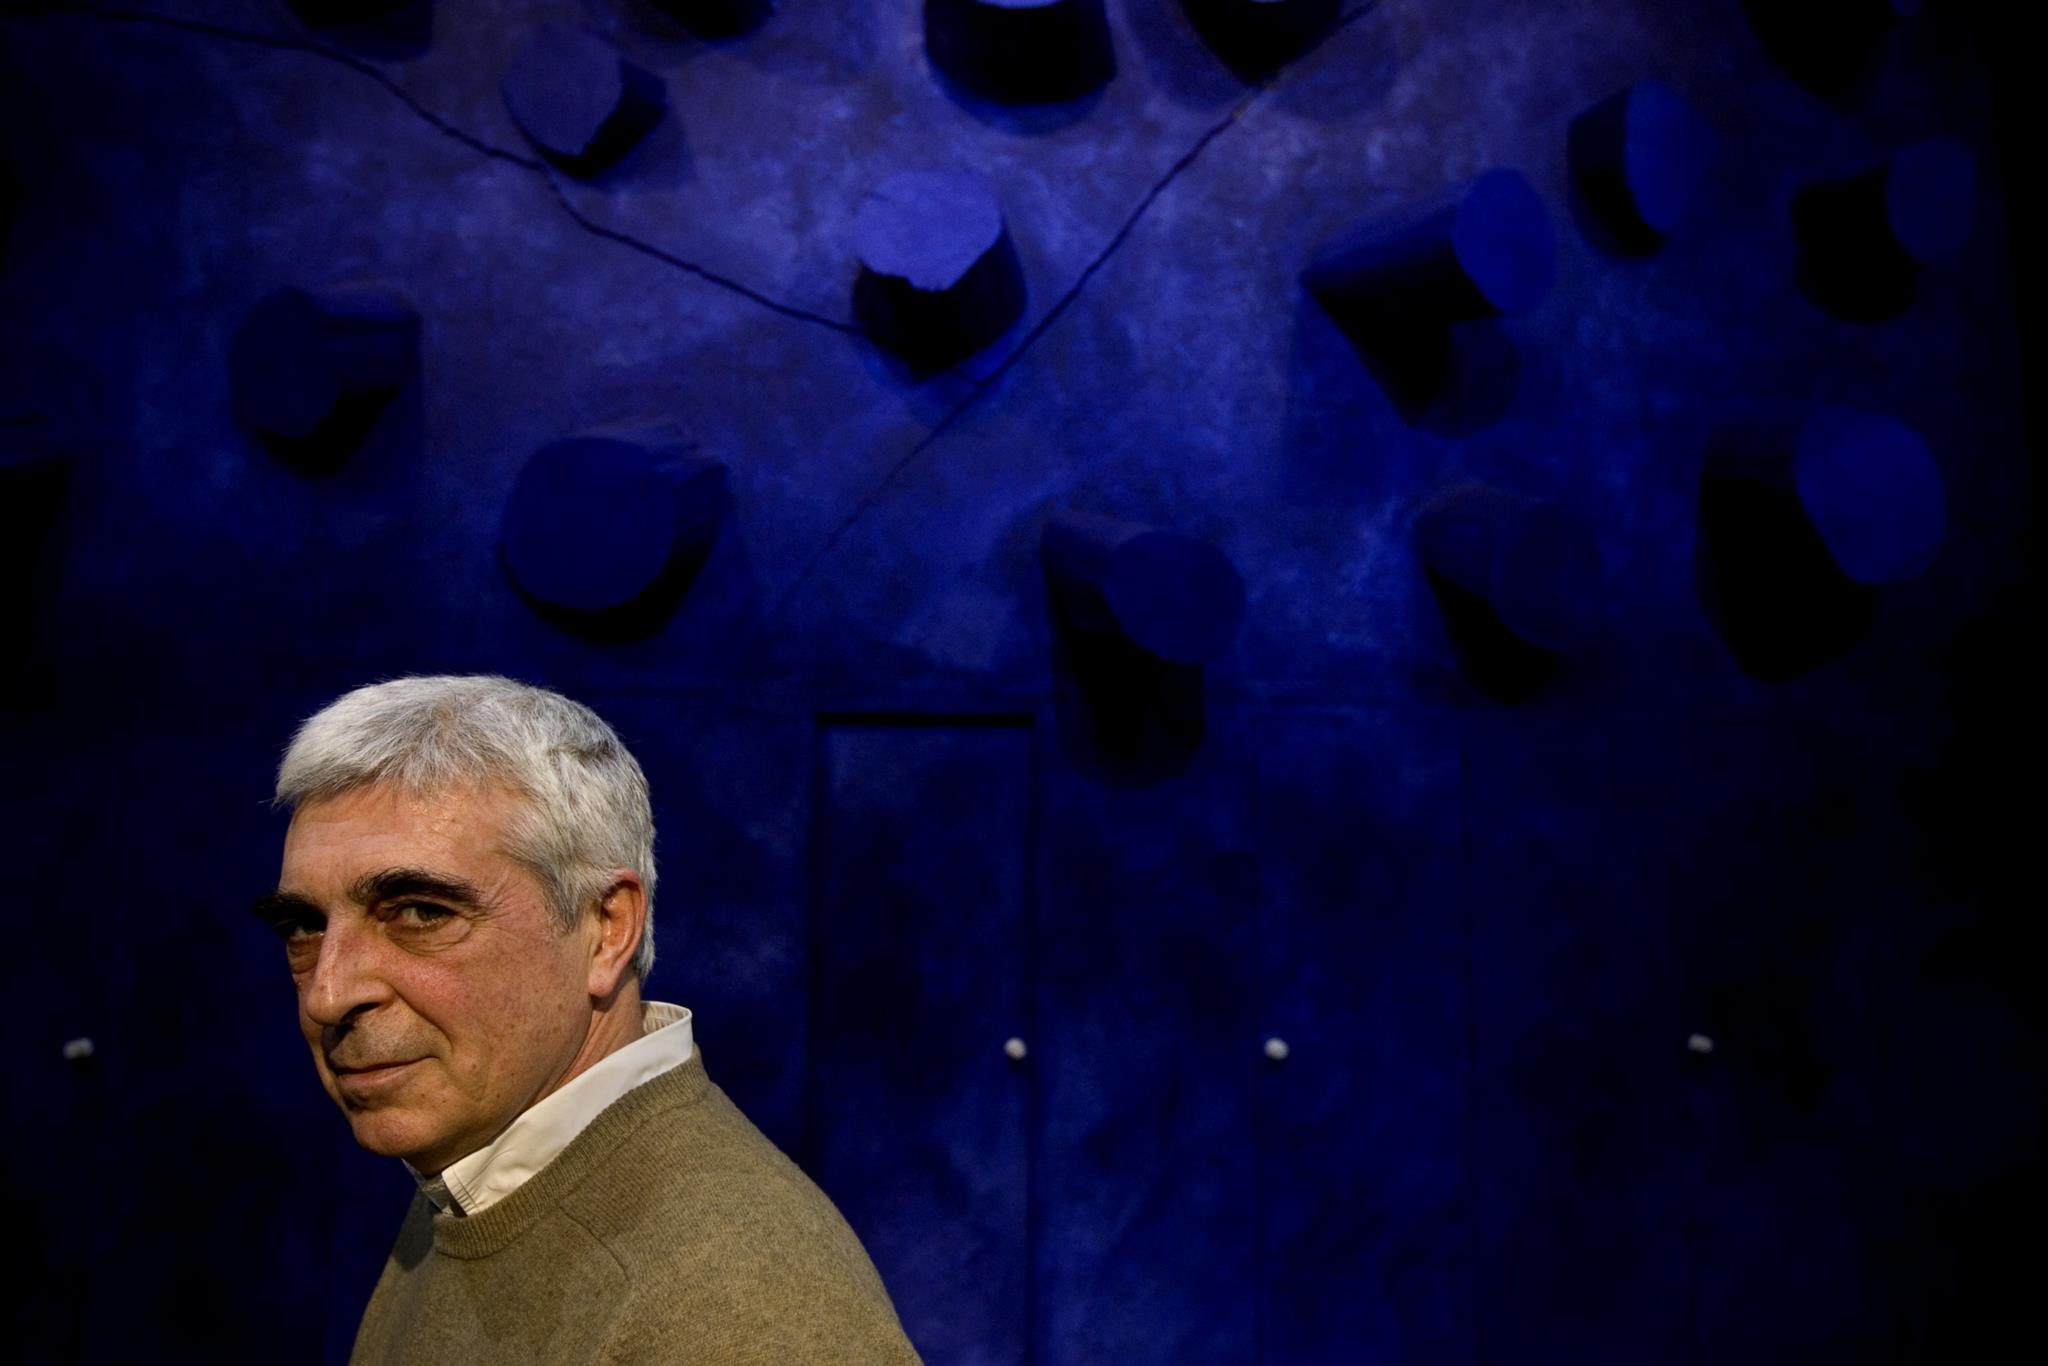 PÚBLICO - Luis Miguel Cintra regressa ao teatro com <i>Um D. João Português</i>